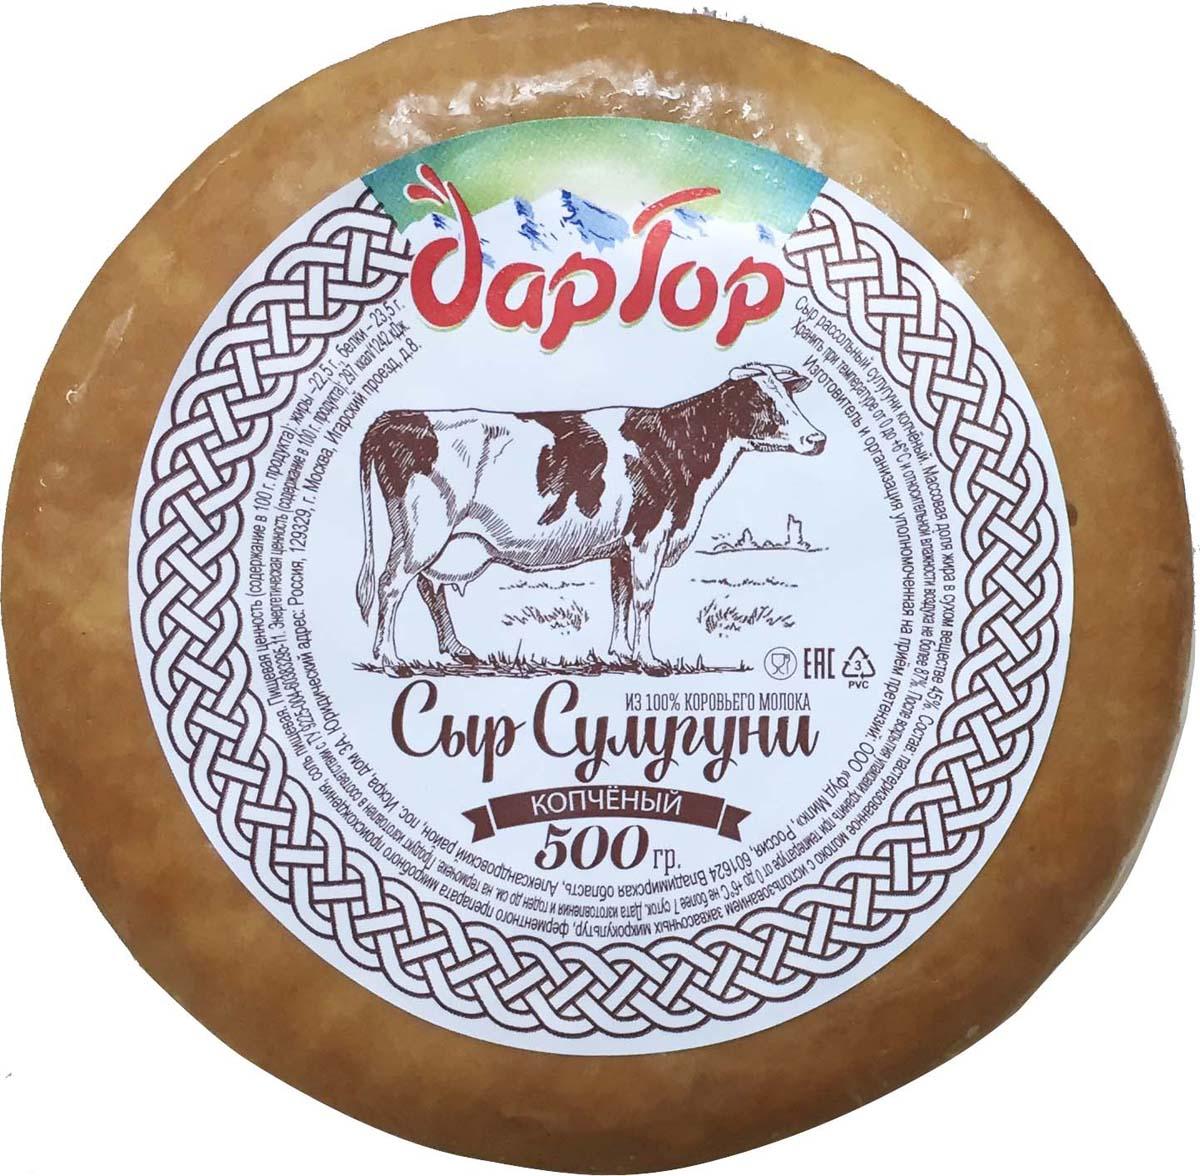 Дар Гор Сыр Сулугуни копченный 45%, 500 г дар гор сыр чанах 40% с чёрными и зелёными плодами оливы в масле 40% 250 г